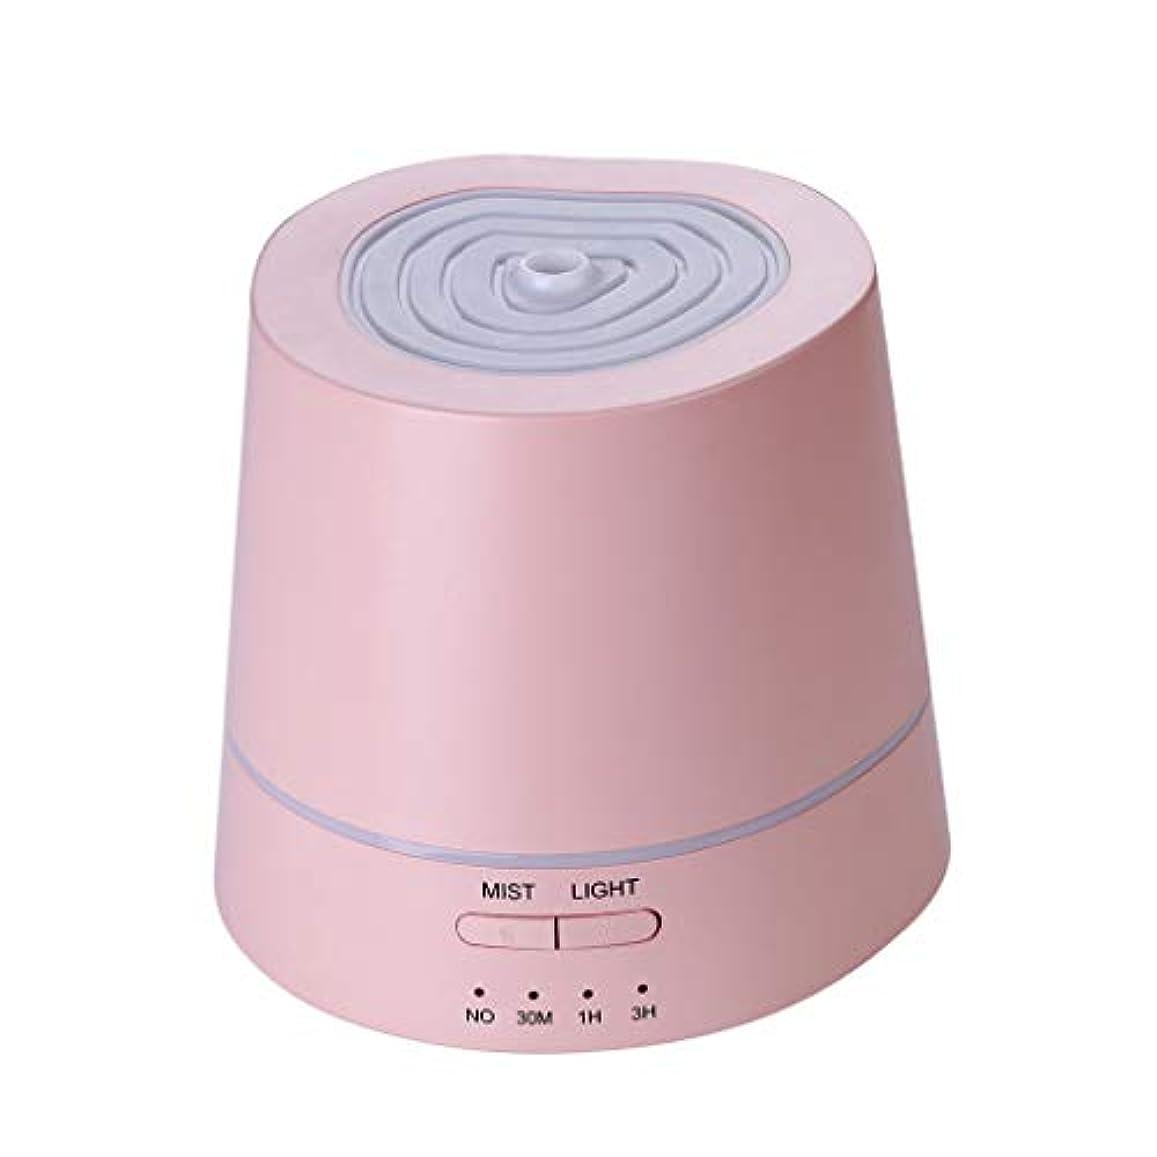 エージェントマナー恐ろしいアロマテラピーマシン、アロマエッセンシャルオイルディフューザー超音波アロマテラピーマシン加湿器加湿器アトマイザー3タイマー設定&7色RGBグラデーションライト